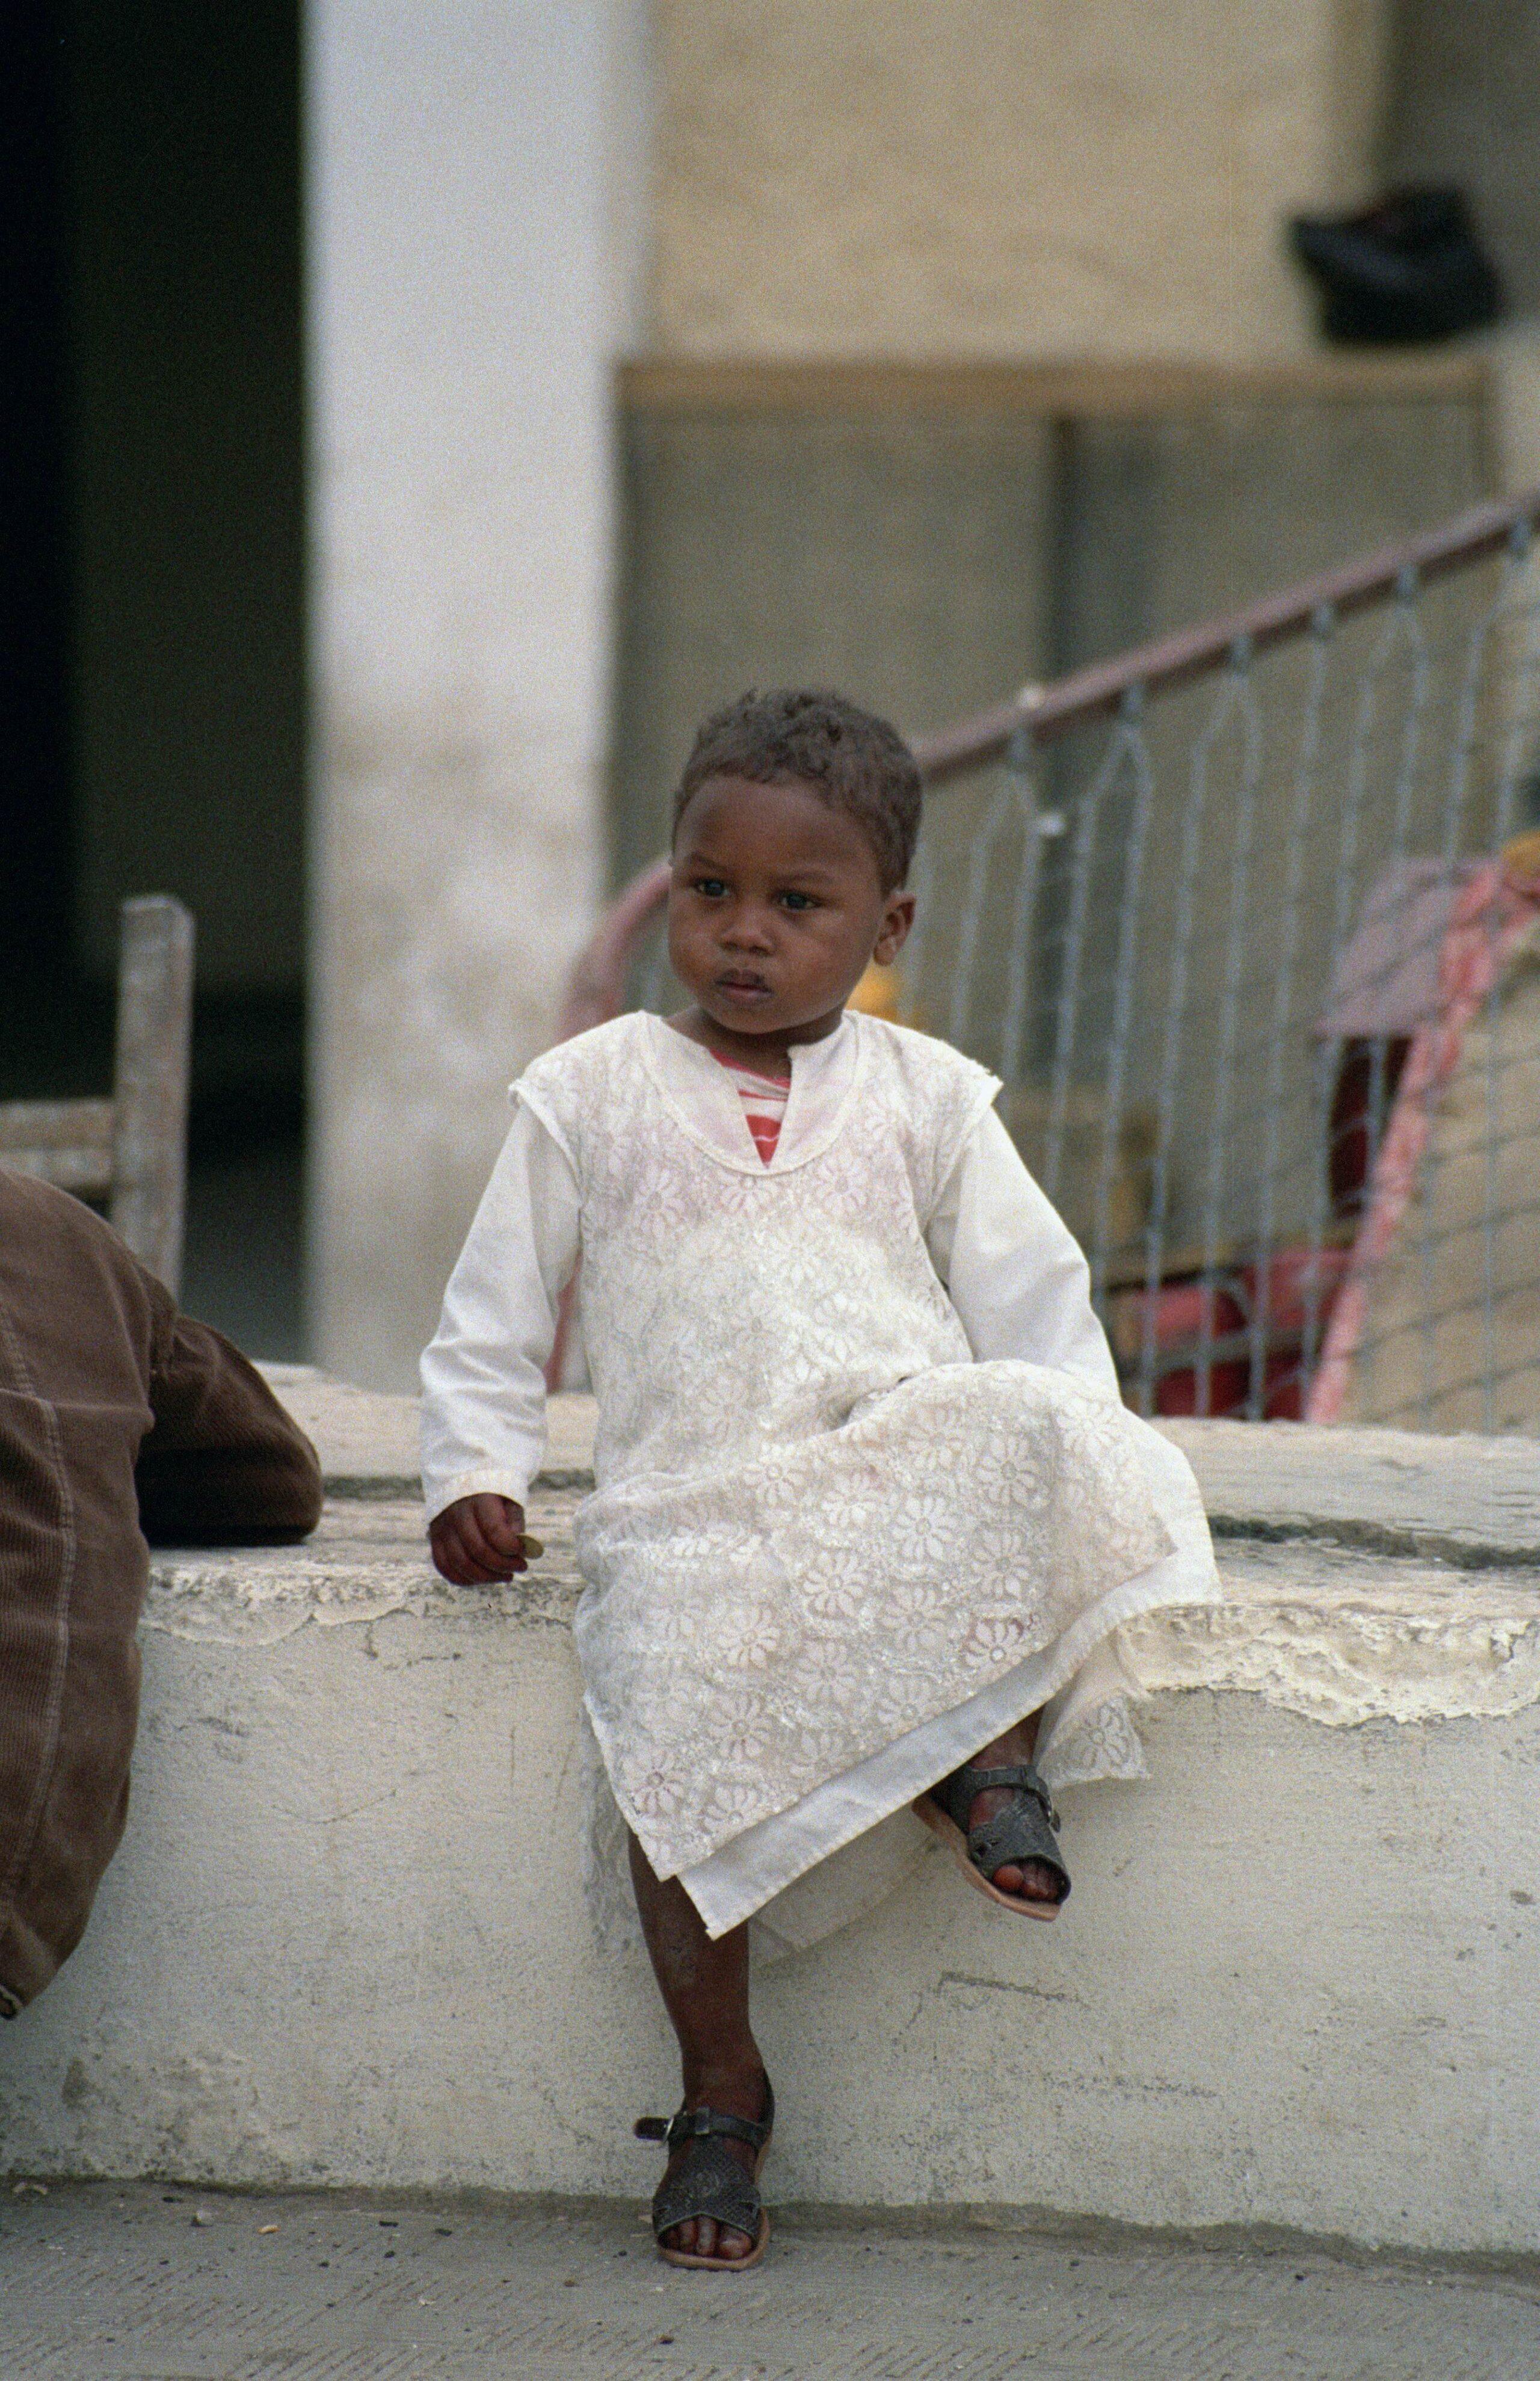 TUNISIA: Child Abuse in Morocco